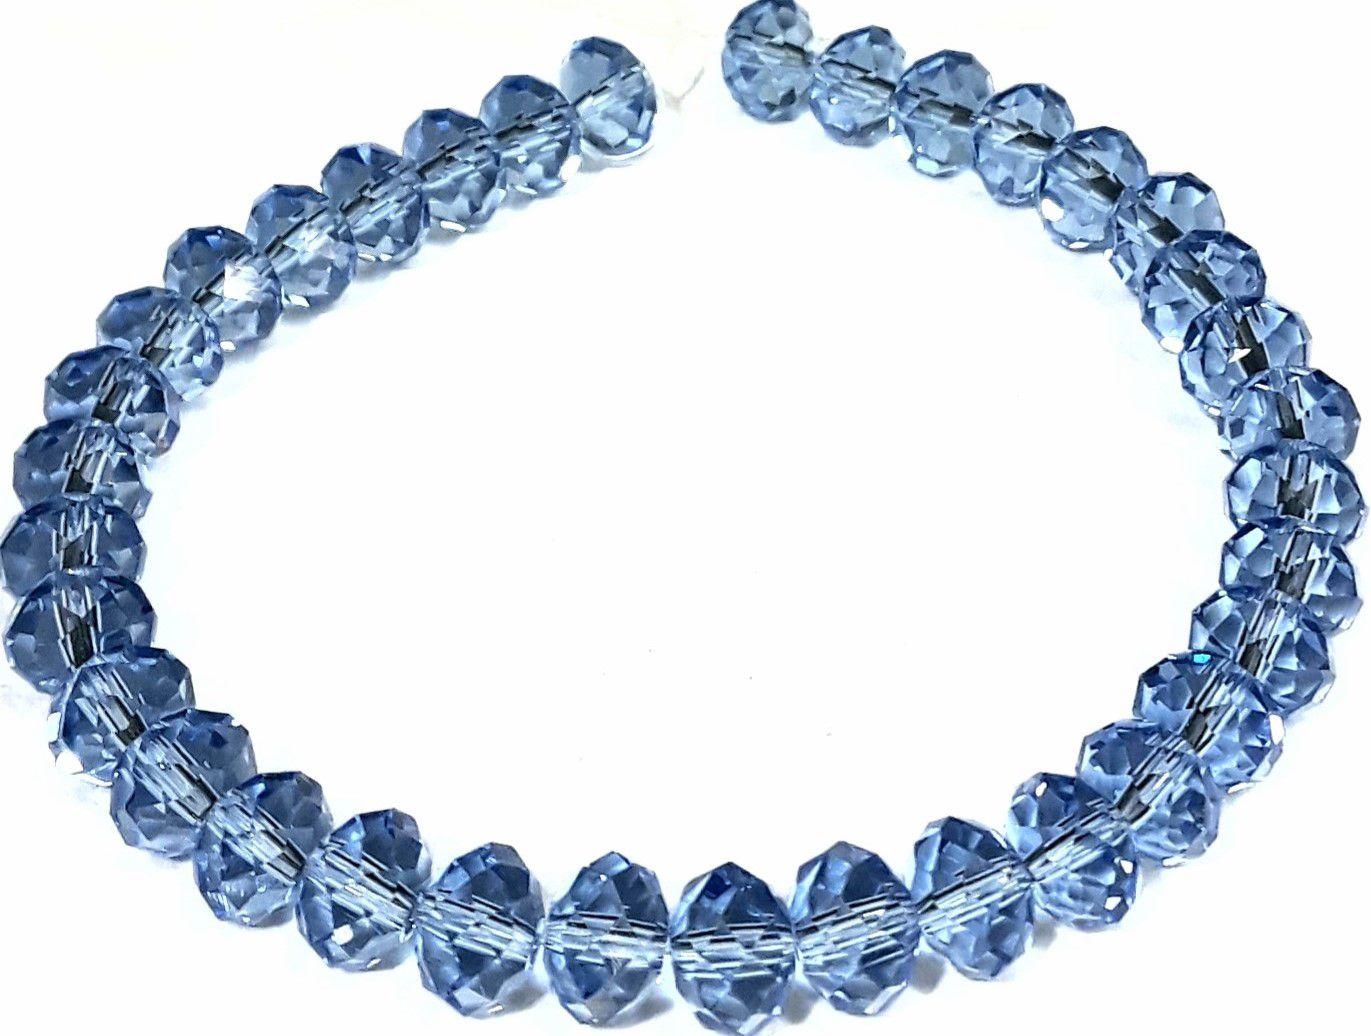 Fio de Cristal Achatado (Azul Transparente) 8mm - FDC29